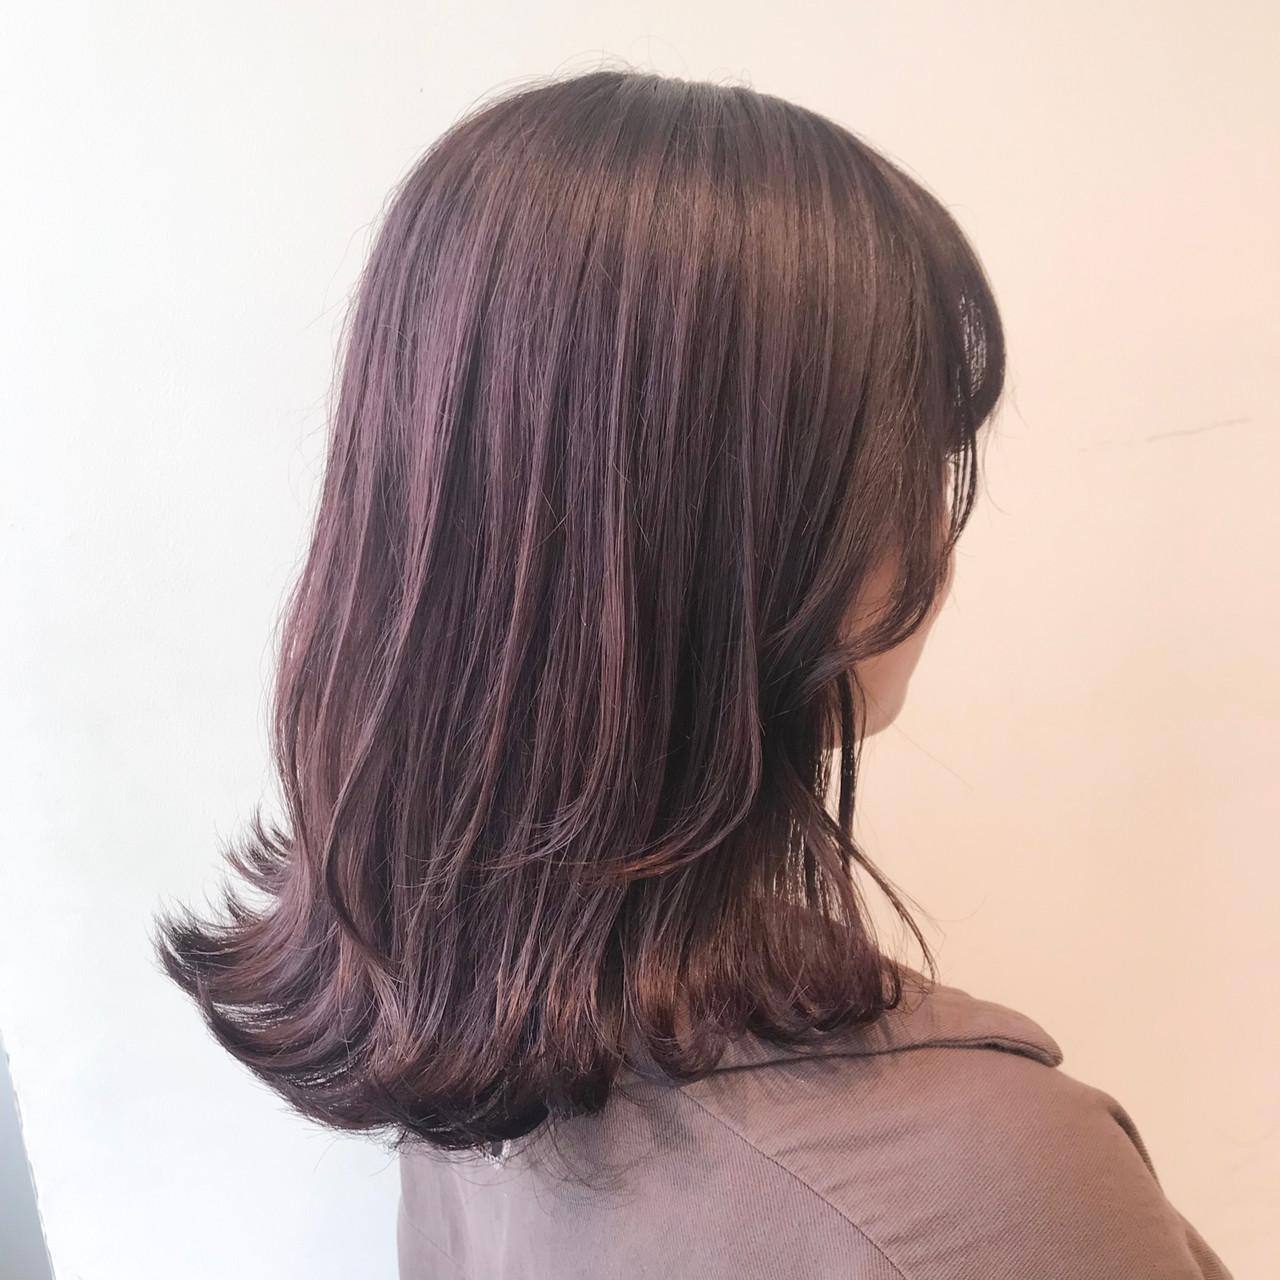 ミディアム ピンクラベンダー ピンクベージュ 透明感カラー ヘアスタイルや髪型の写真・画像 | 村西 郁人 / rue